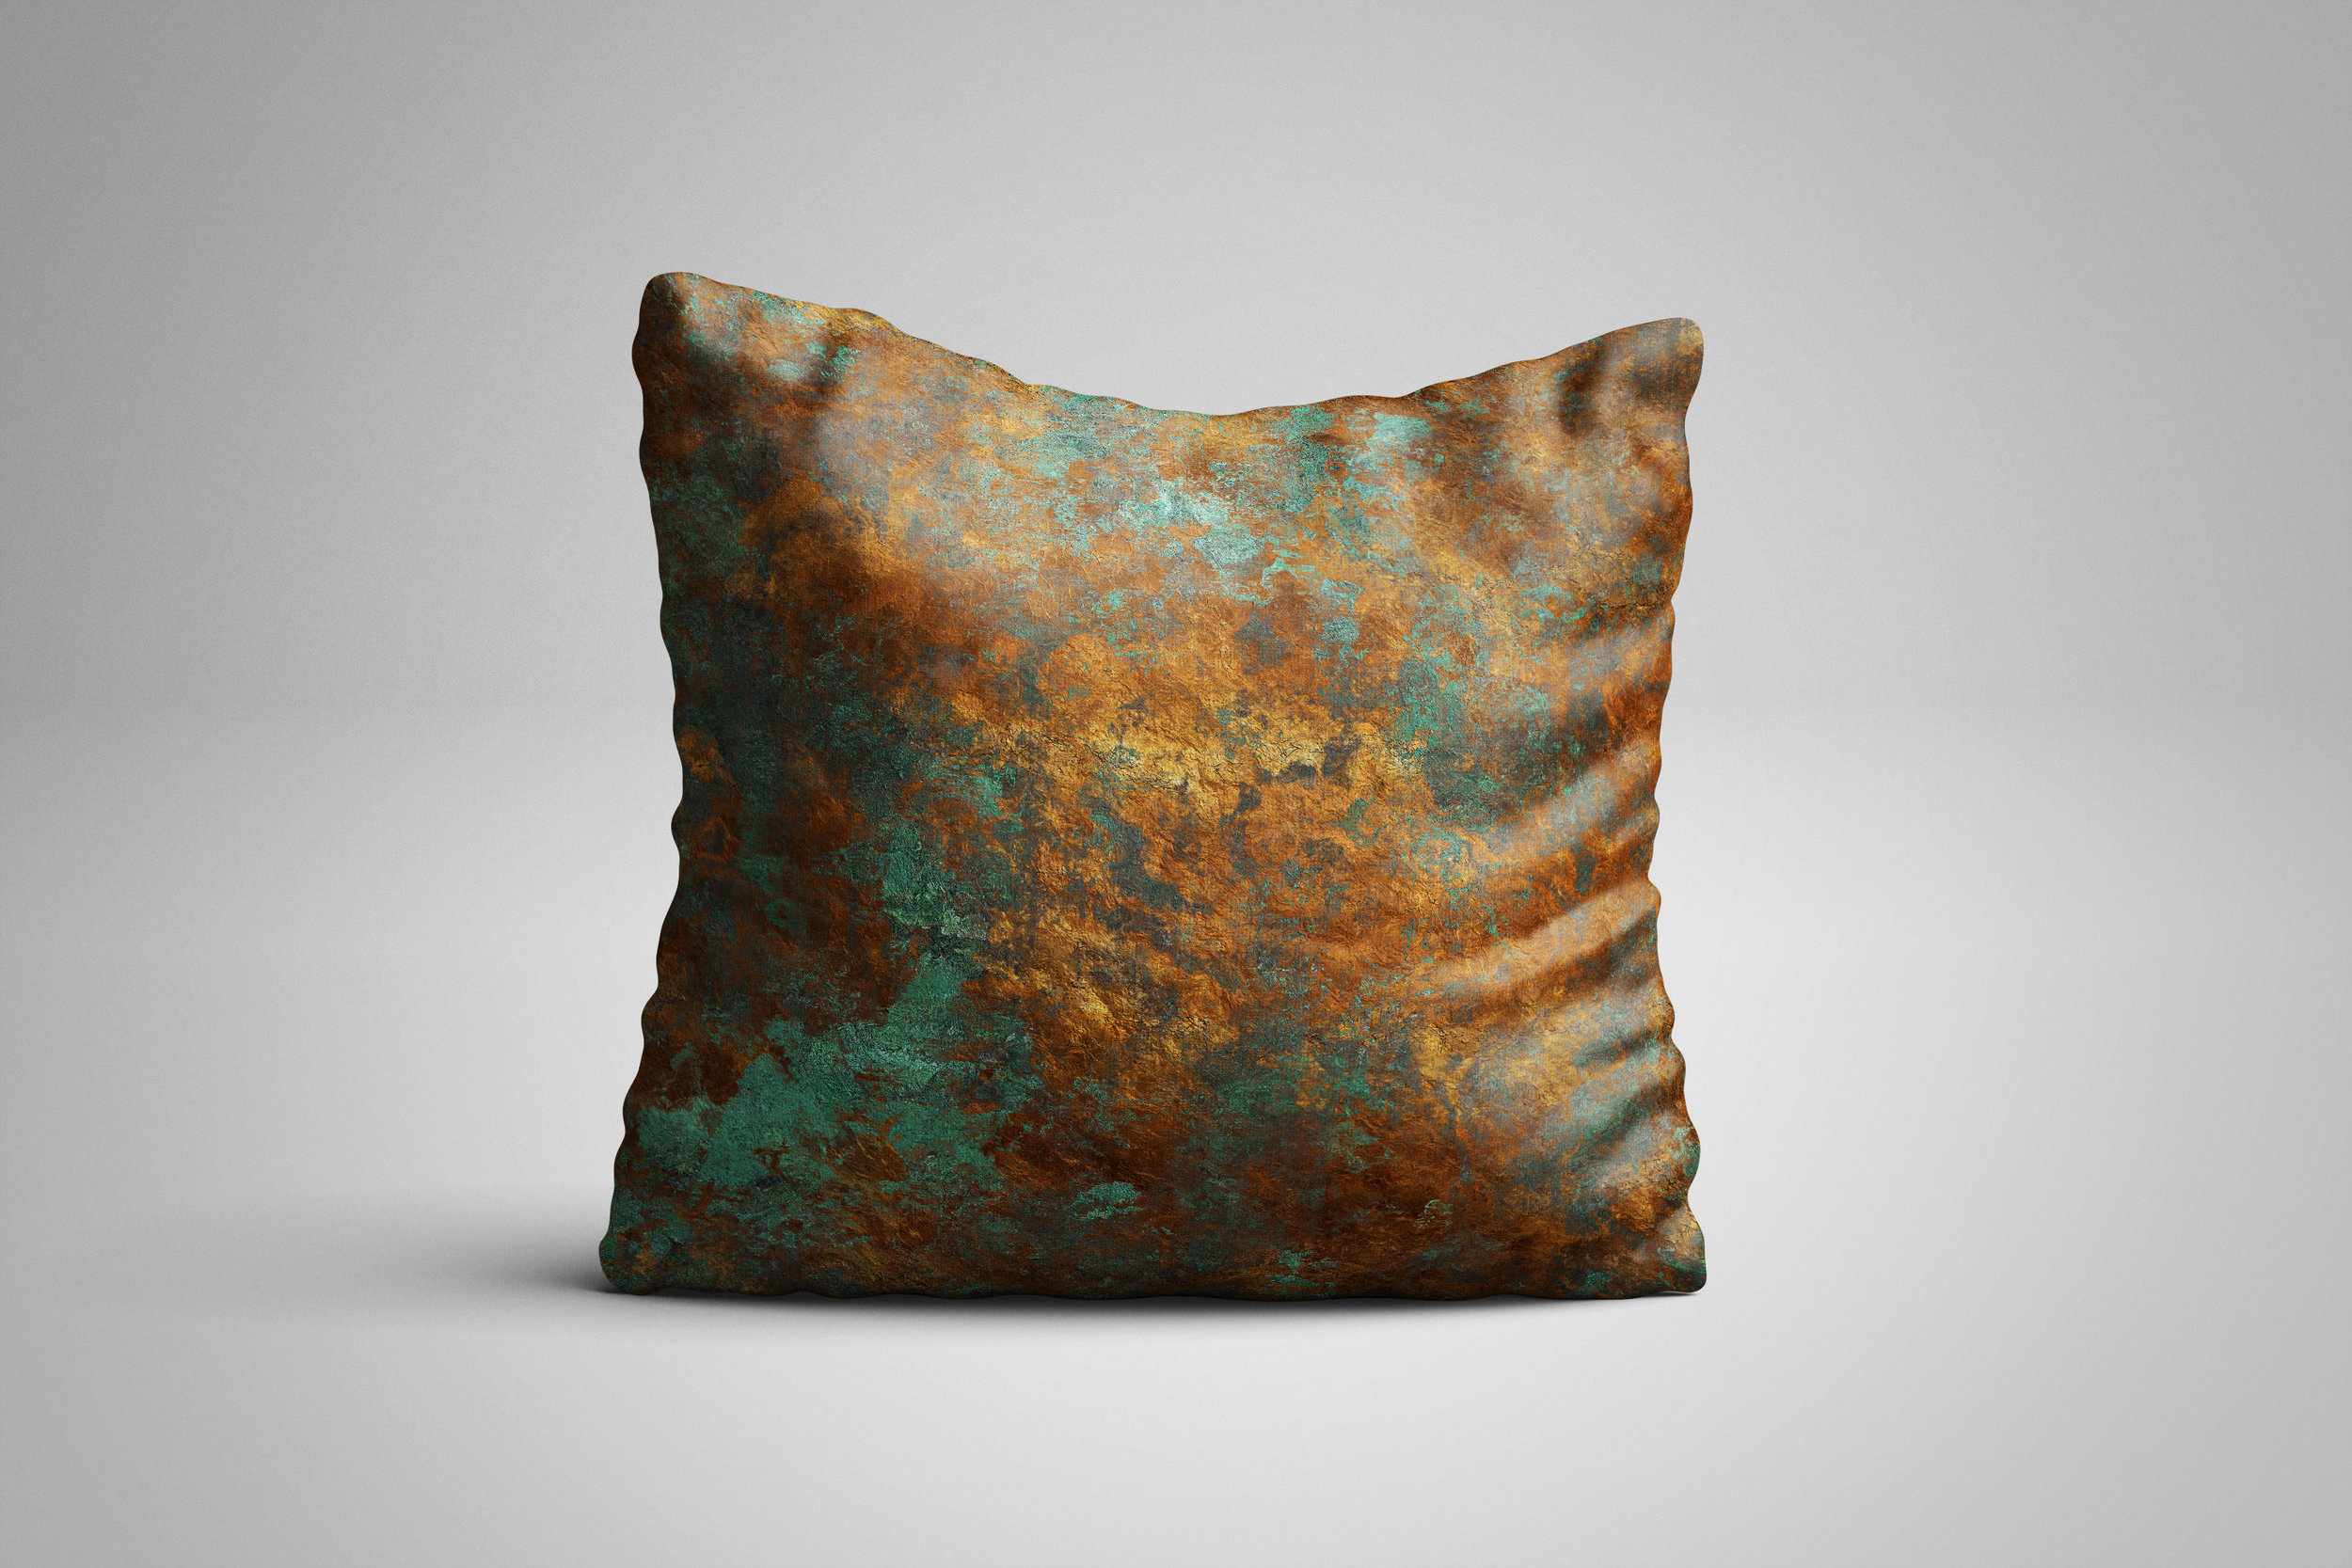 1046x785 px_KITCHEN_Copper.jpg